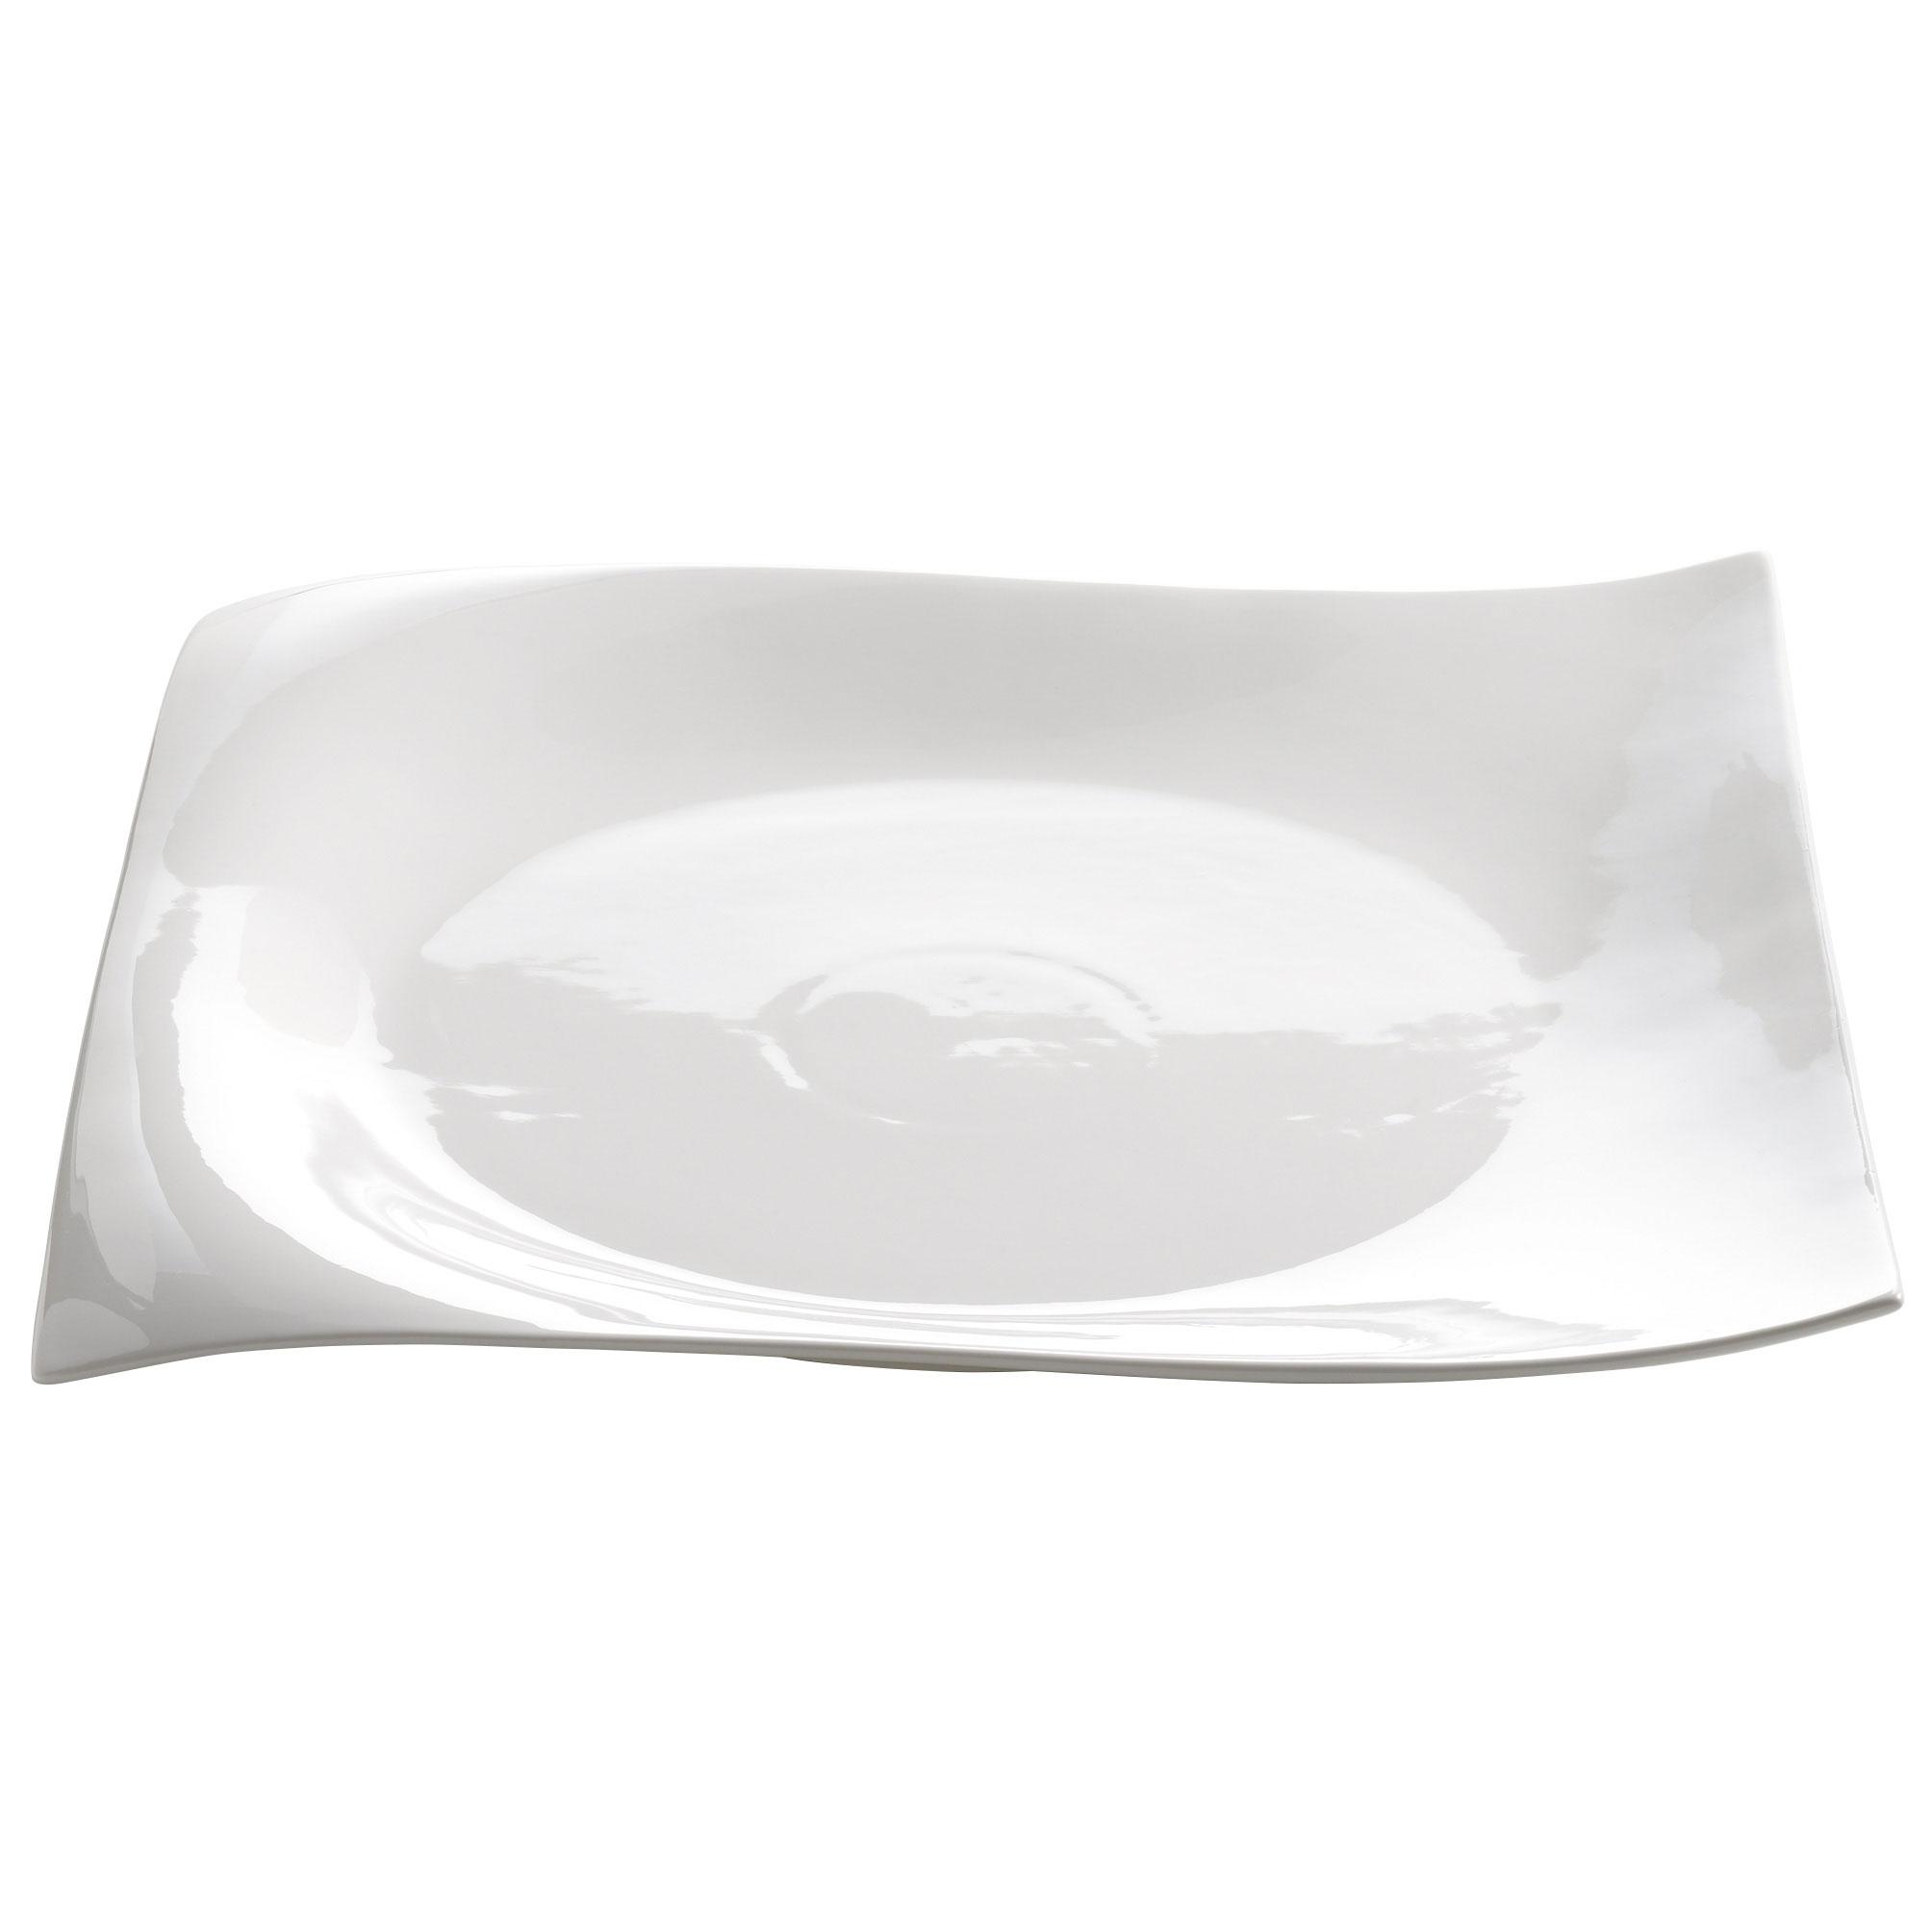 Maxwell /& Williams Motion Platte Eckig Servierplatte Weiß Tablett Porzellan